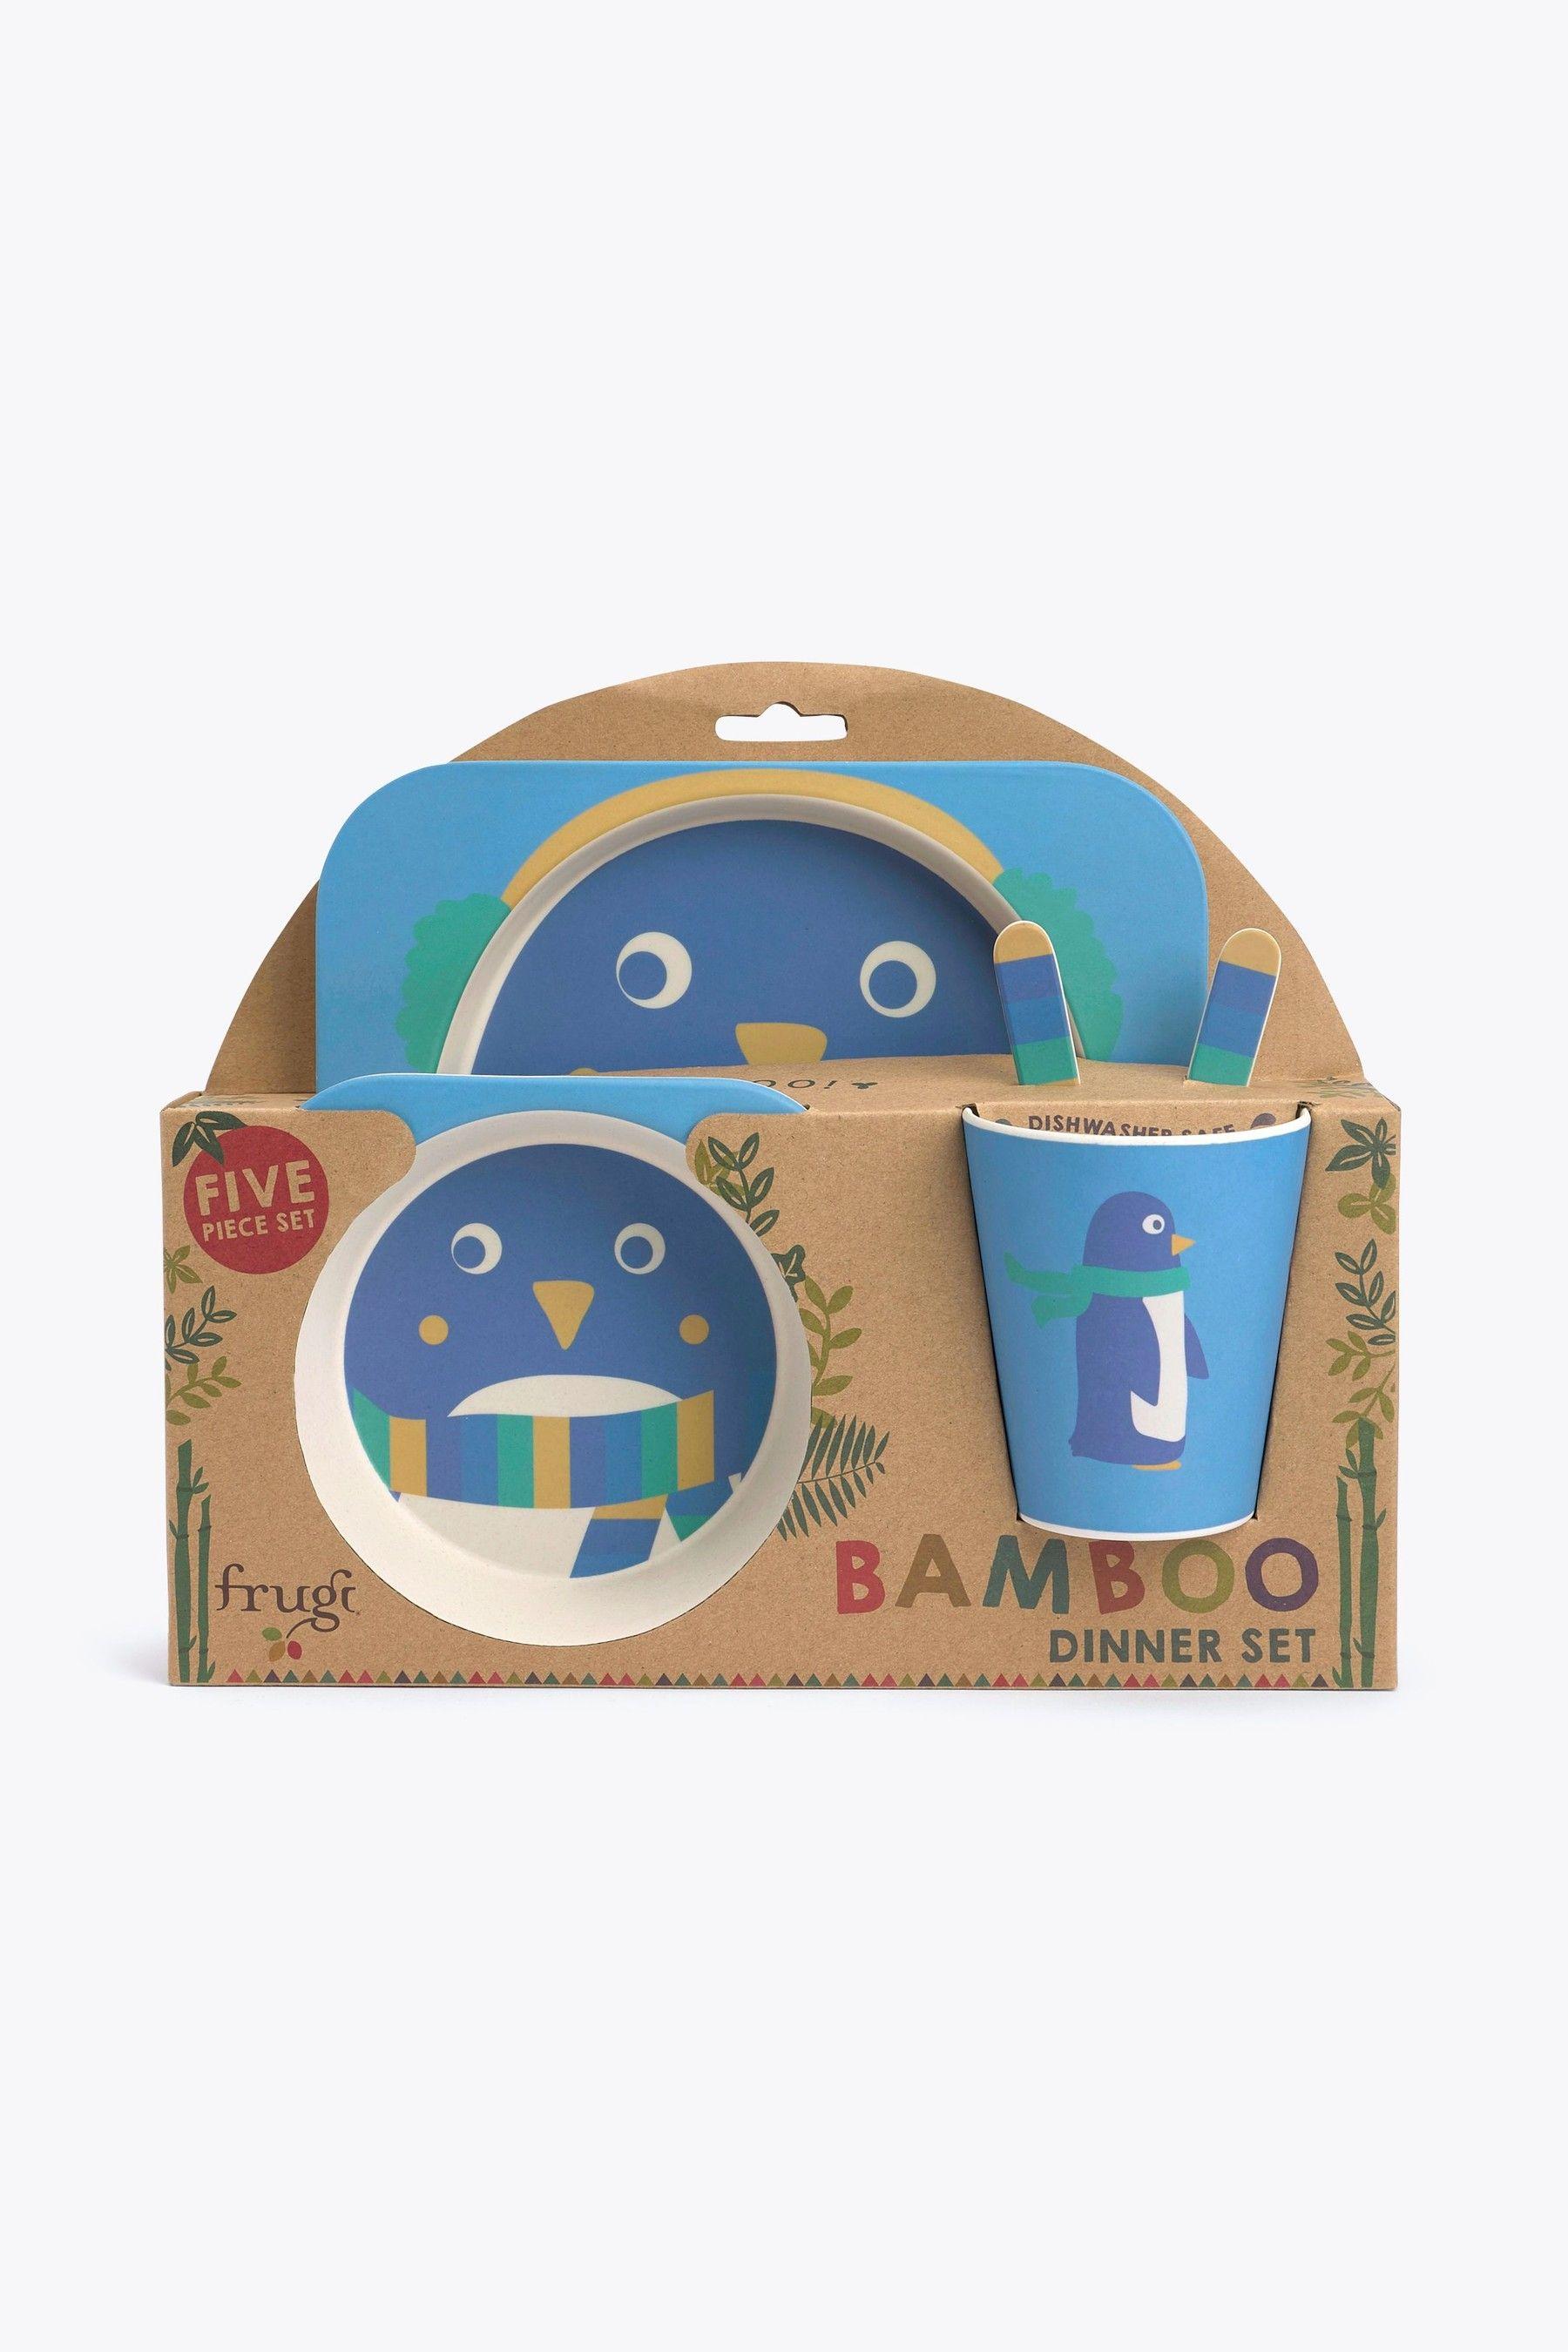 Boys Frugi Children S 5 Piece Bamboo Dinner Set In Penguin Design Blue Dinner Sets Favorite Things List Childrens